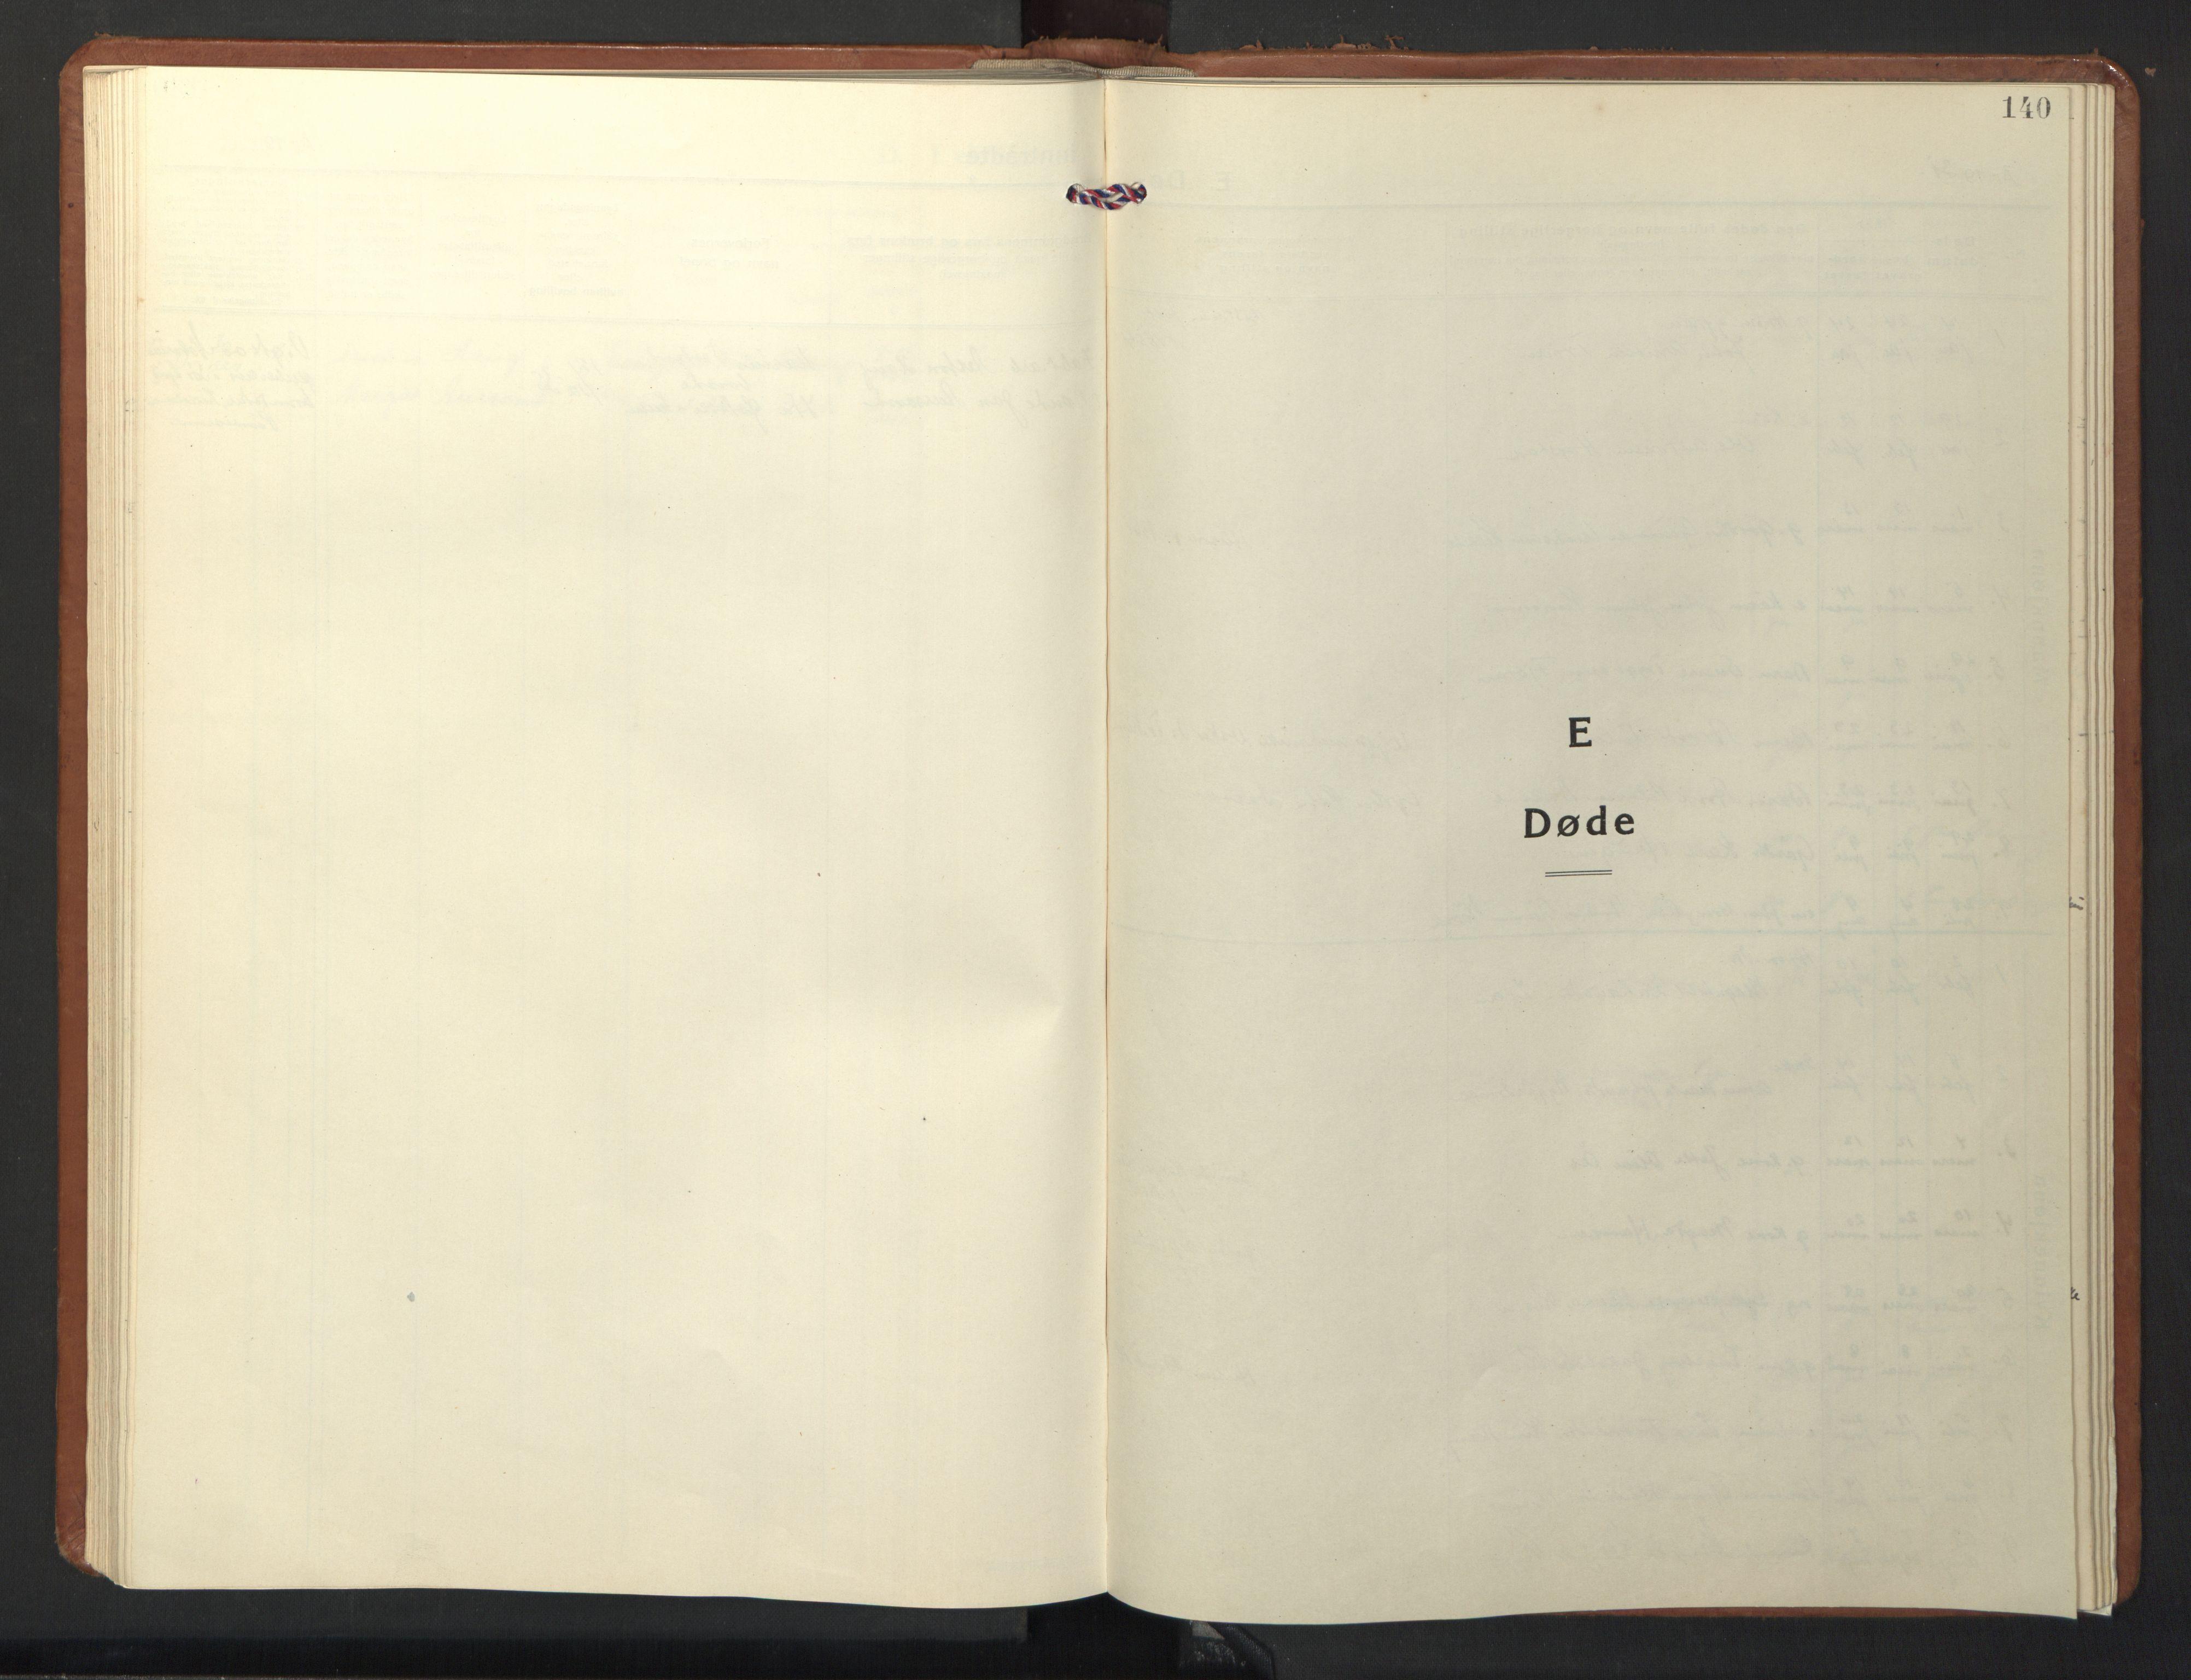 SAT, Ministerialprotokoller, klokkerbøker og fødselsregistre - Nord-Trøndelag, 713/L0125: Klokkerbok nr. 713C02, 1931-1941, s. 140